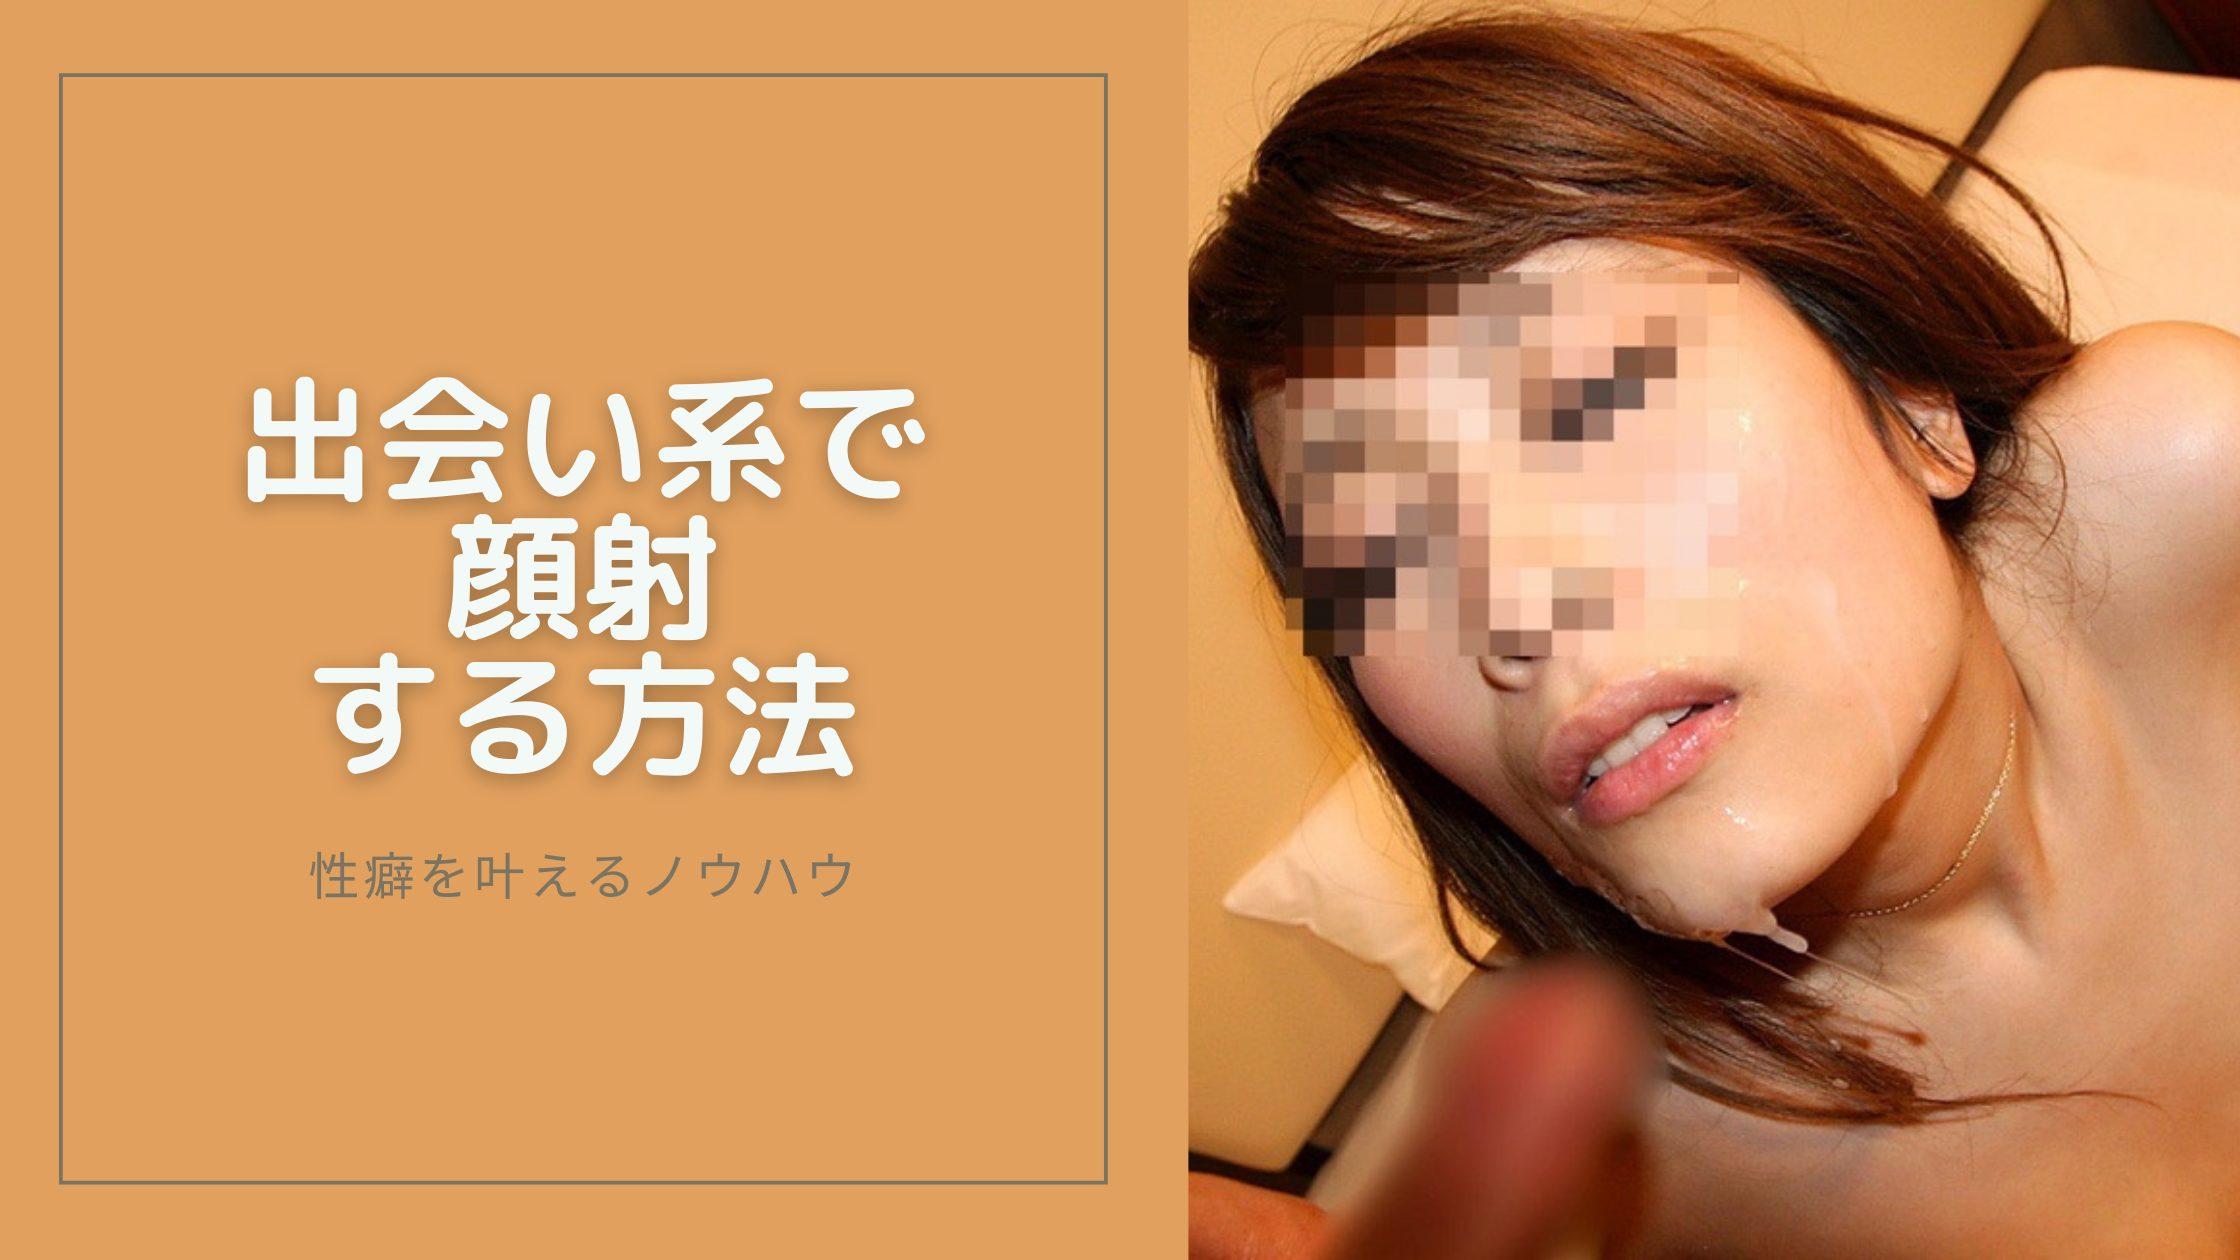 出会い系で顔射する方法のキービジュアル